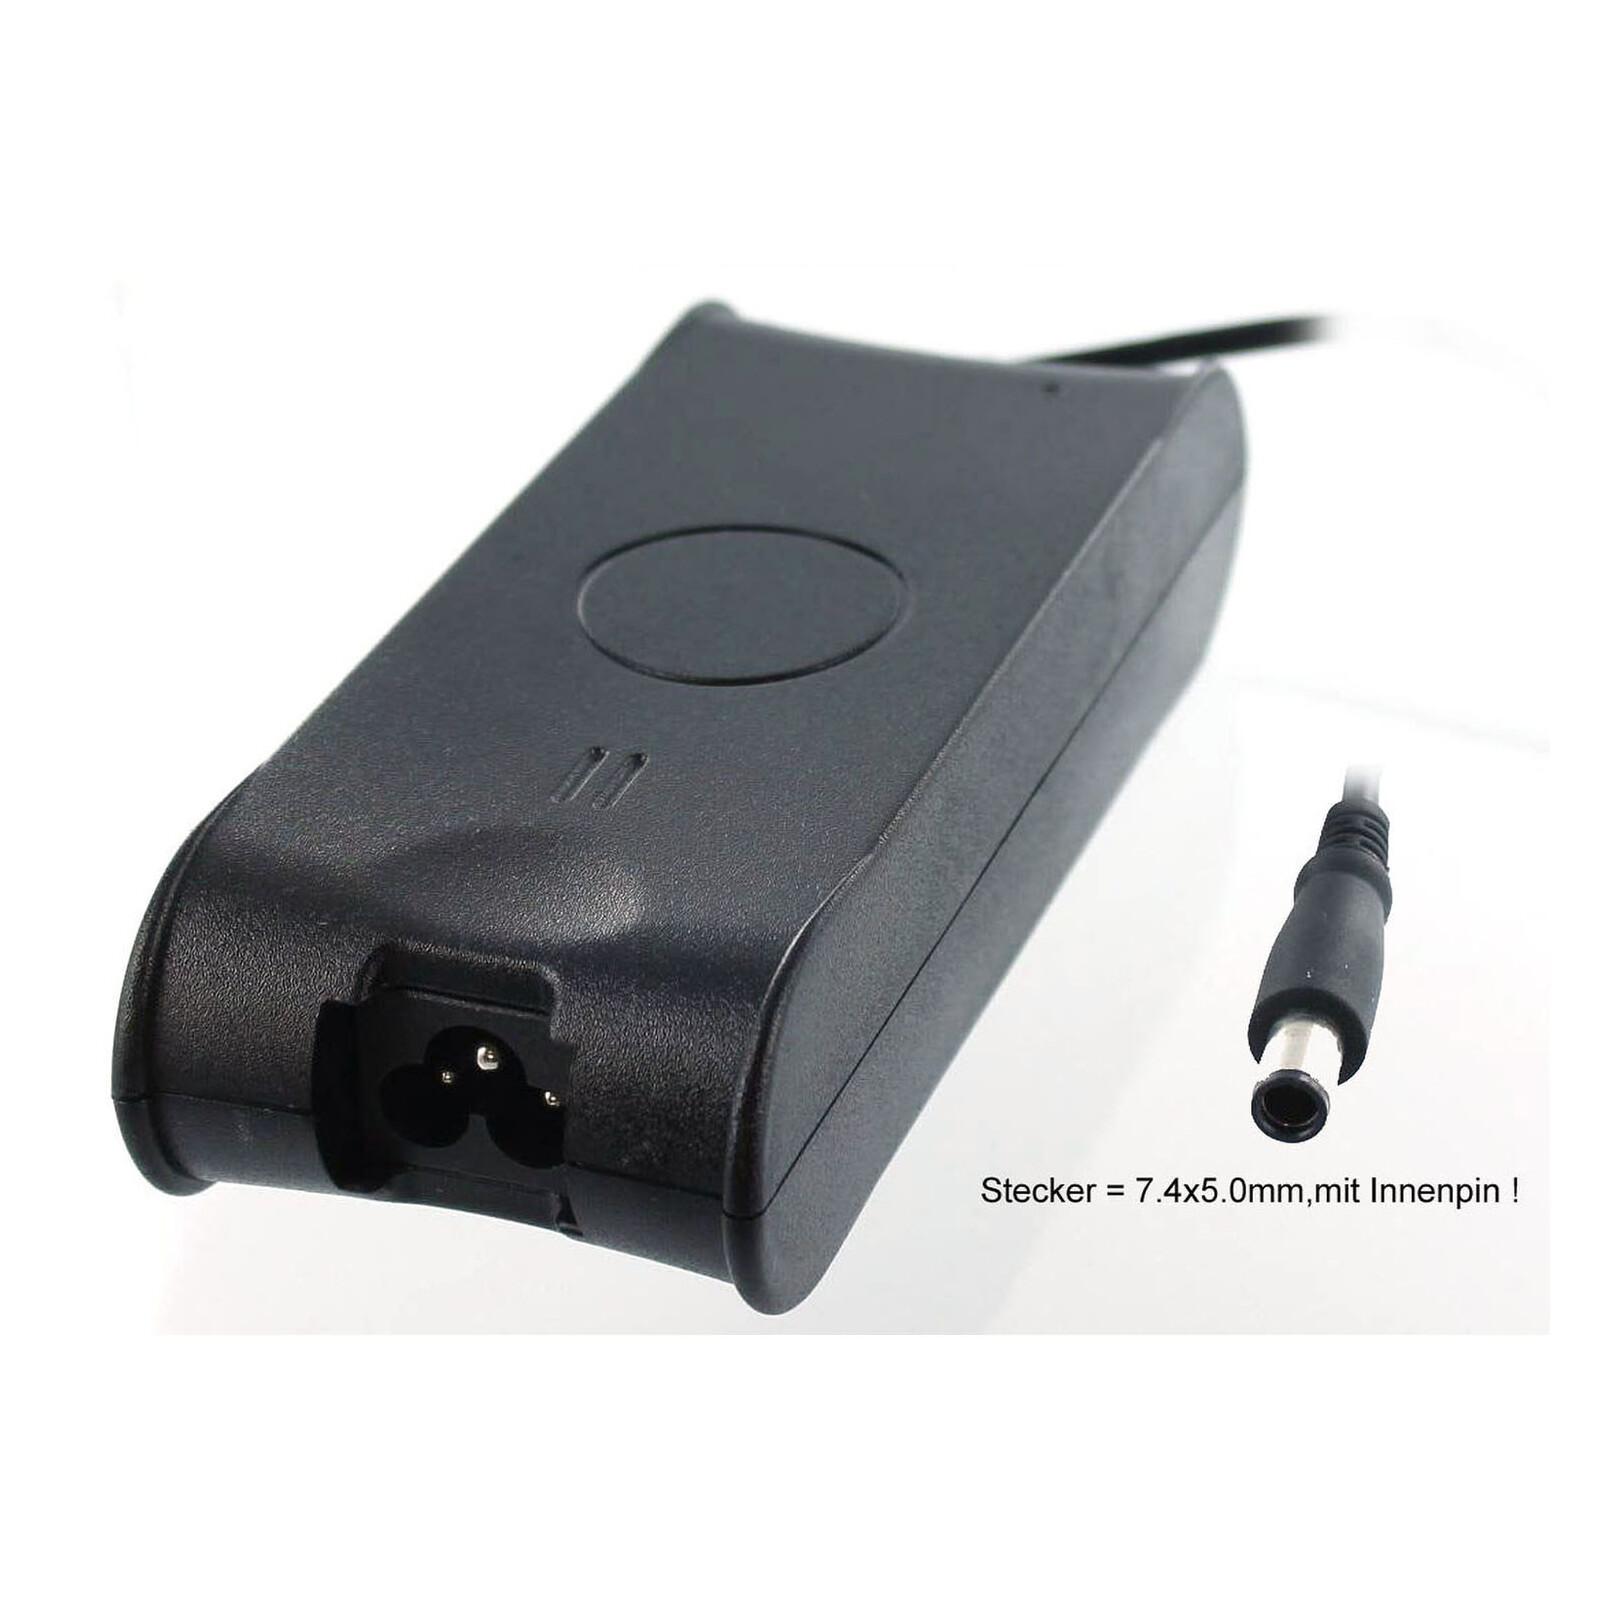 AGI Netzteil Dell (Stecker=7.4x5.0mm,m.Innenpin)